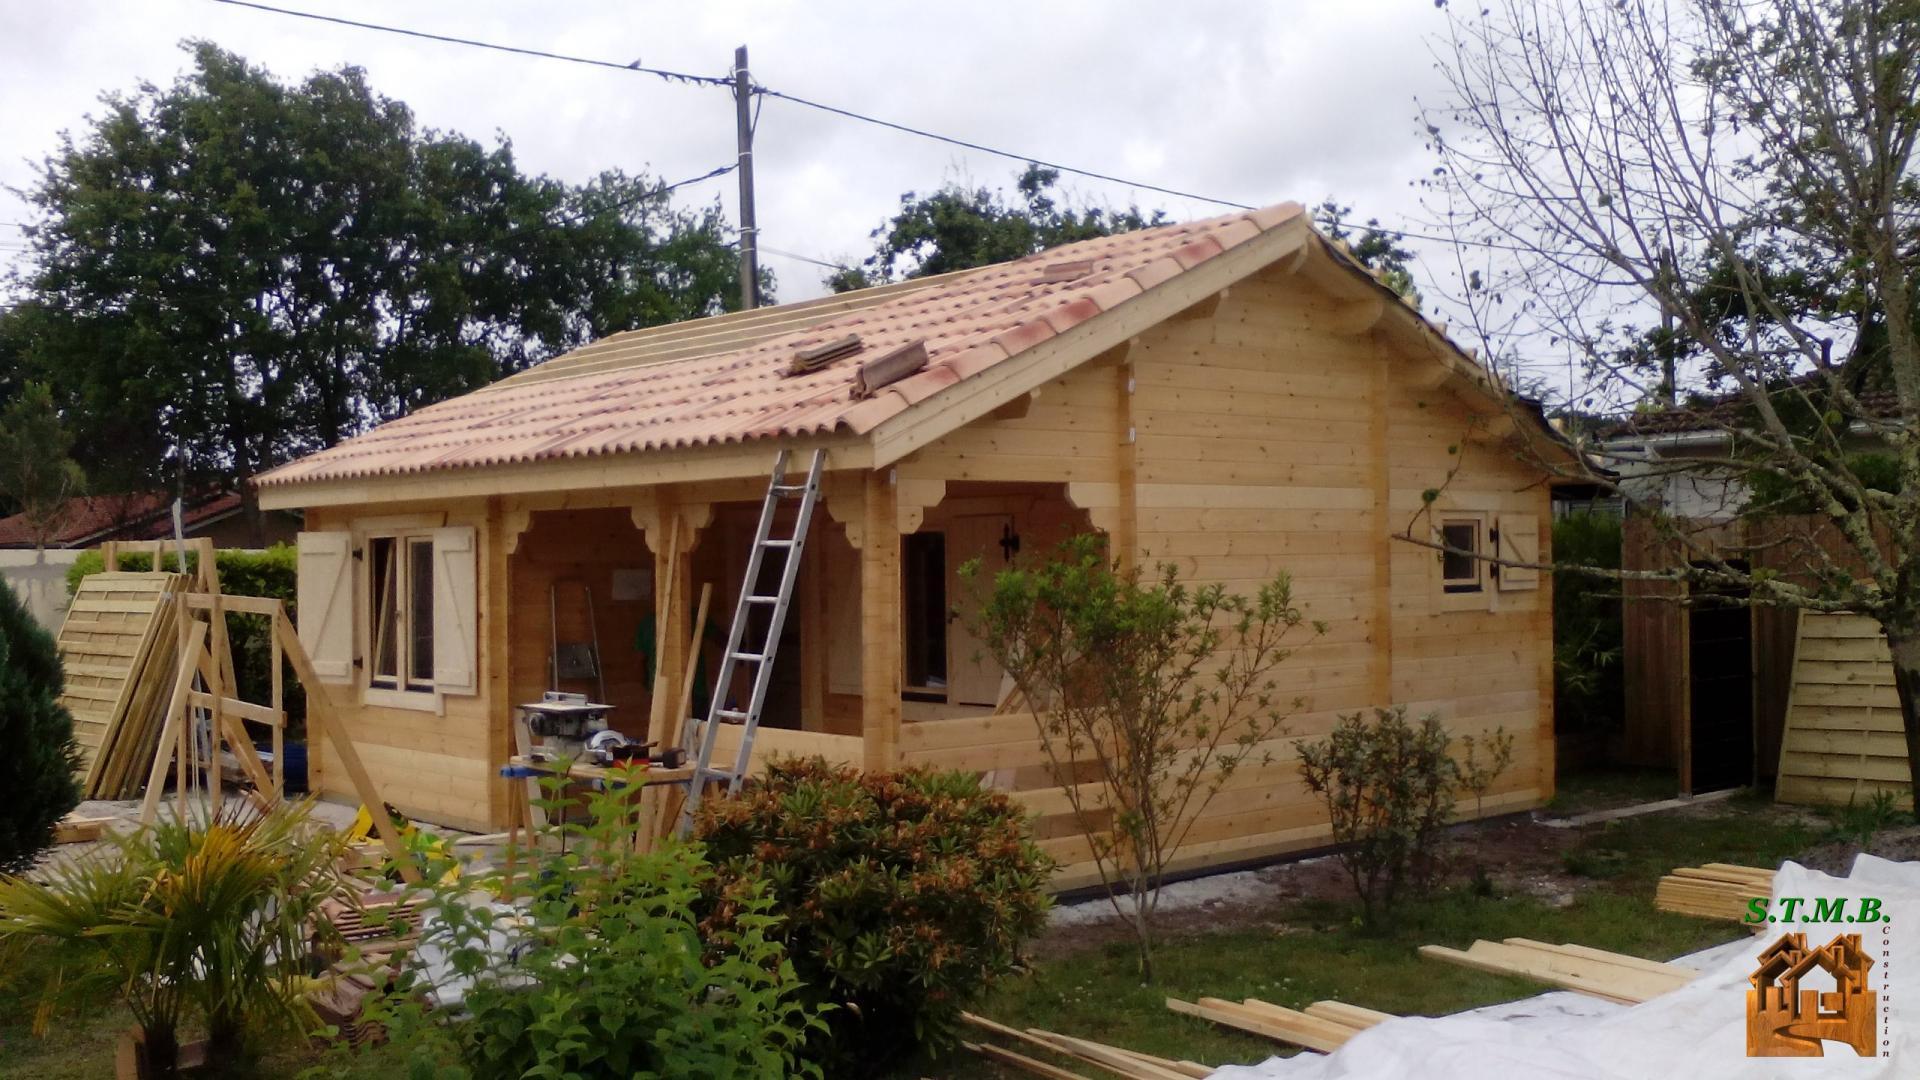 Construire Un Chalet En Bois Habitable - Construction Et ... tout Chalet En Bois Habitable